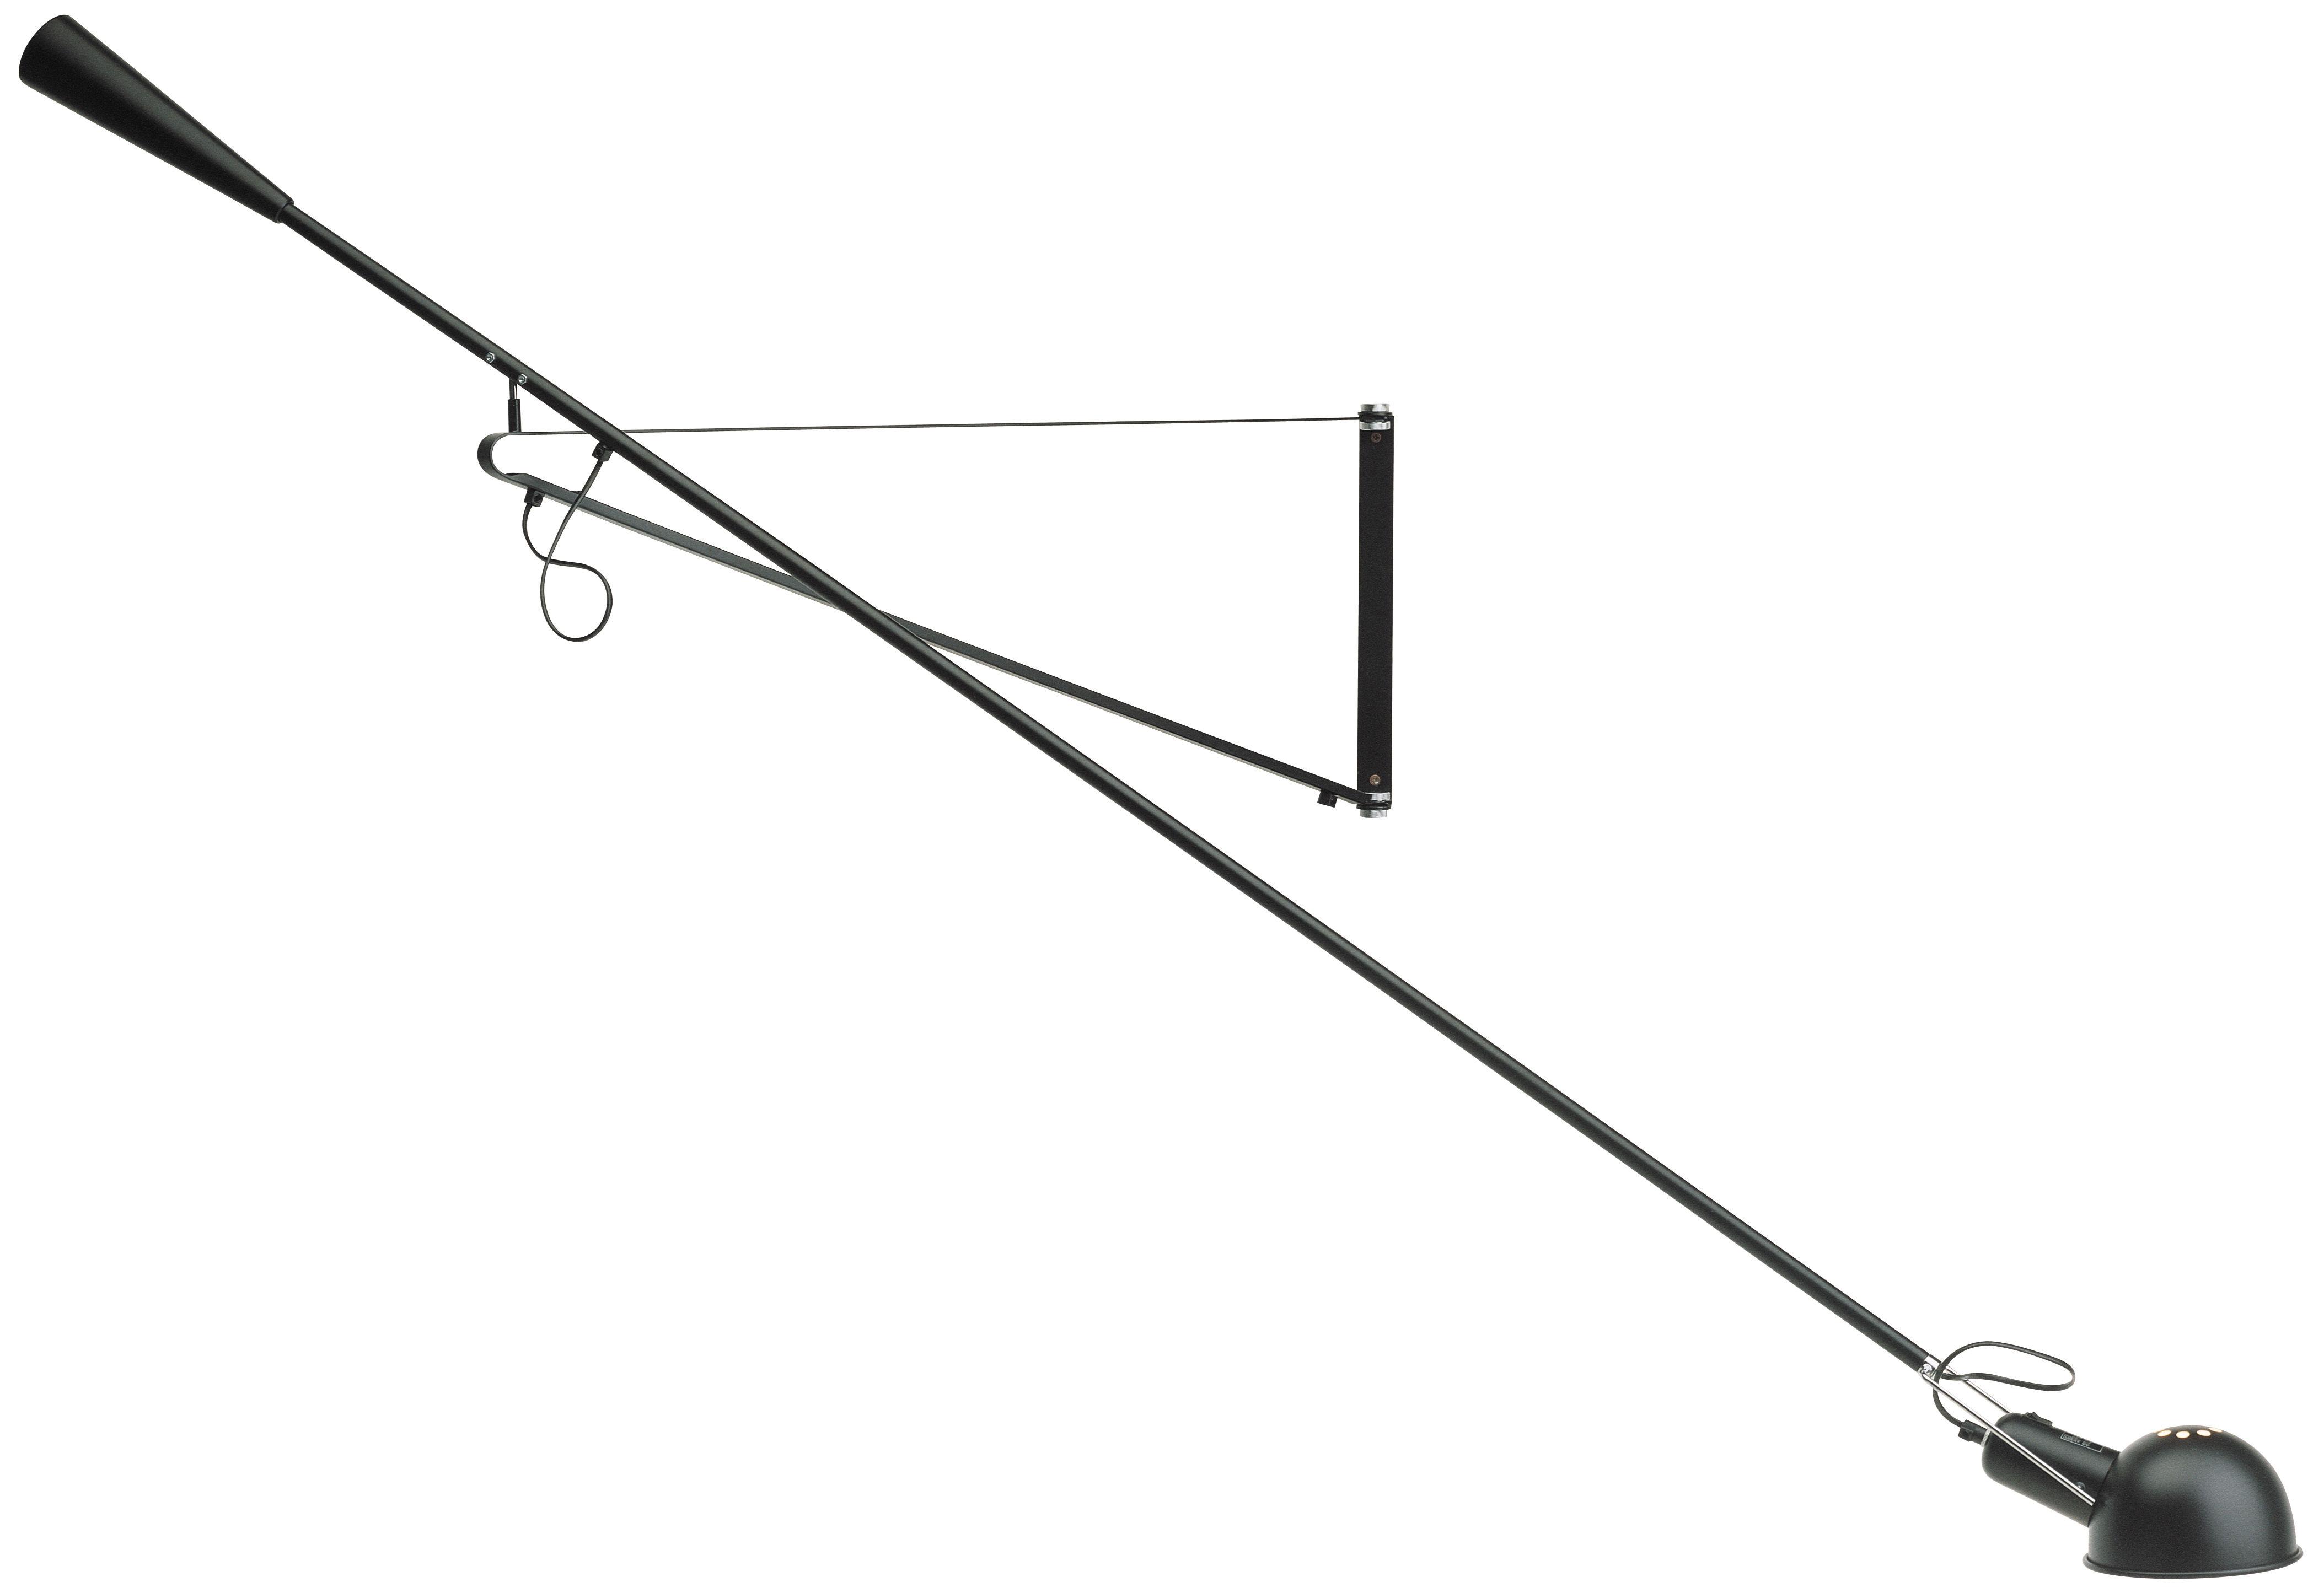 Leuchten - Wandleuchten - 265 Wandleuchte mit Stromkabel / L 205 cm - basiert auf dem Original von 1973 - Flos - Schwarz - Gusseisen, Messing, Stahl